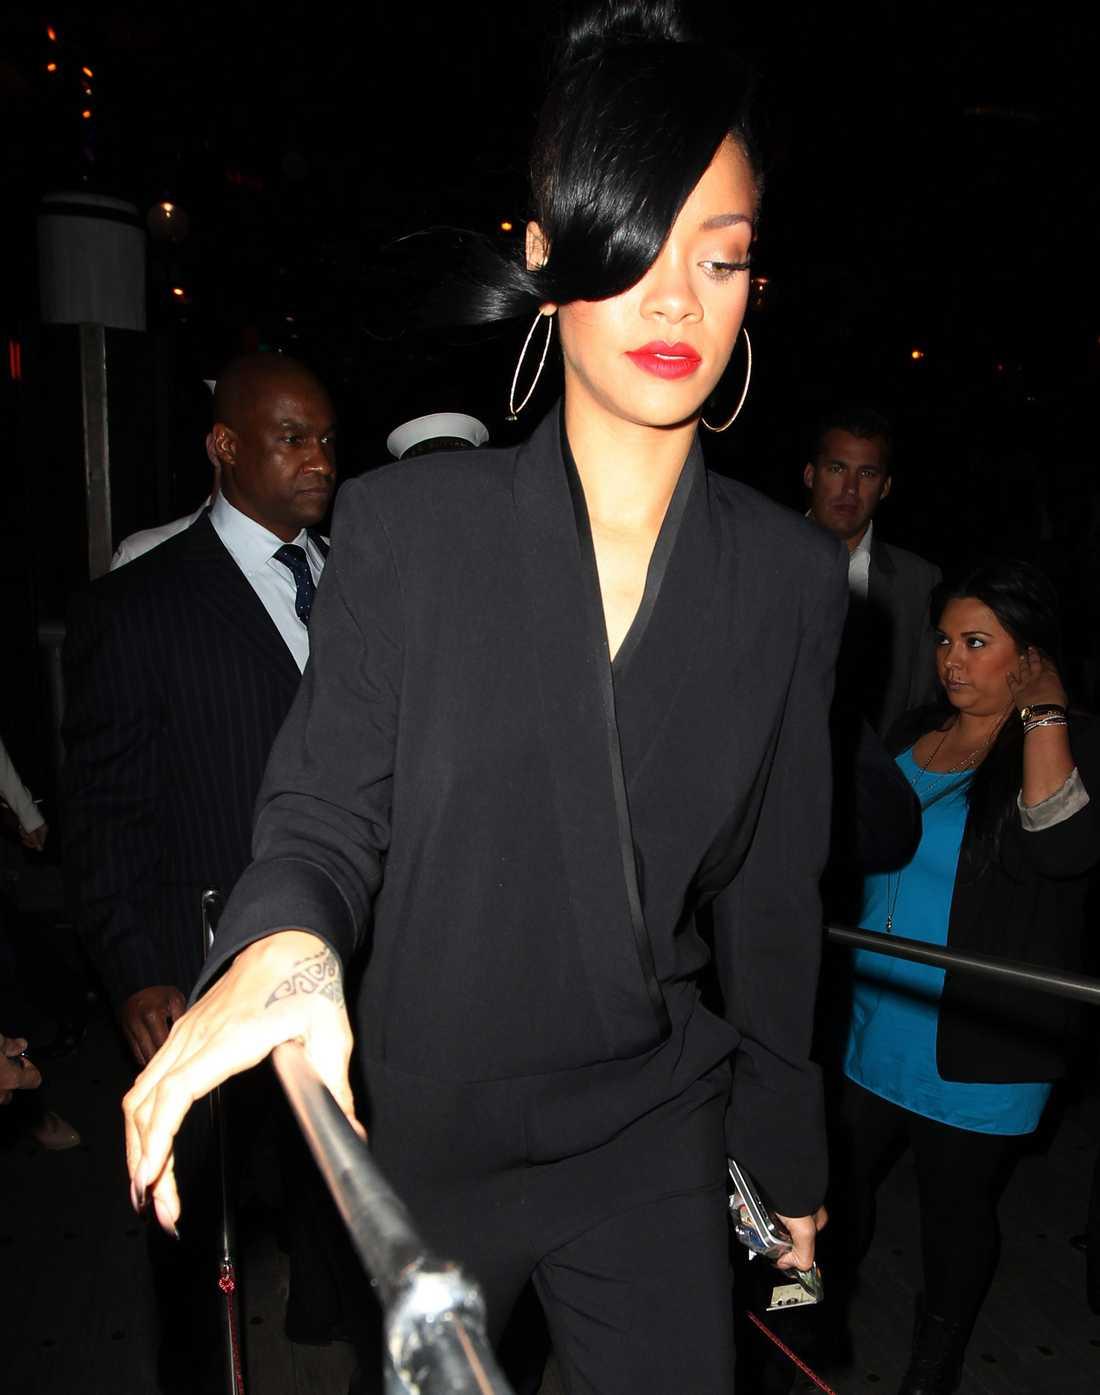 Och där fanns också en av filmens stora stjärnor, Rihanna. Foto: All Over Press